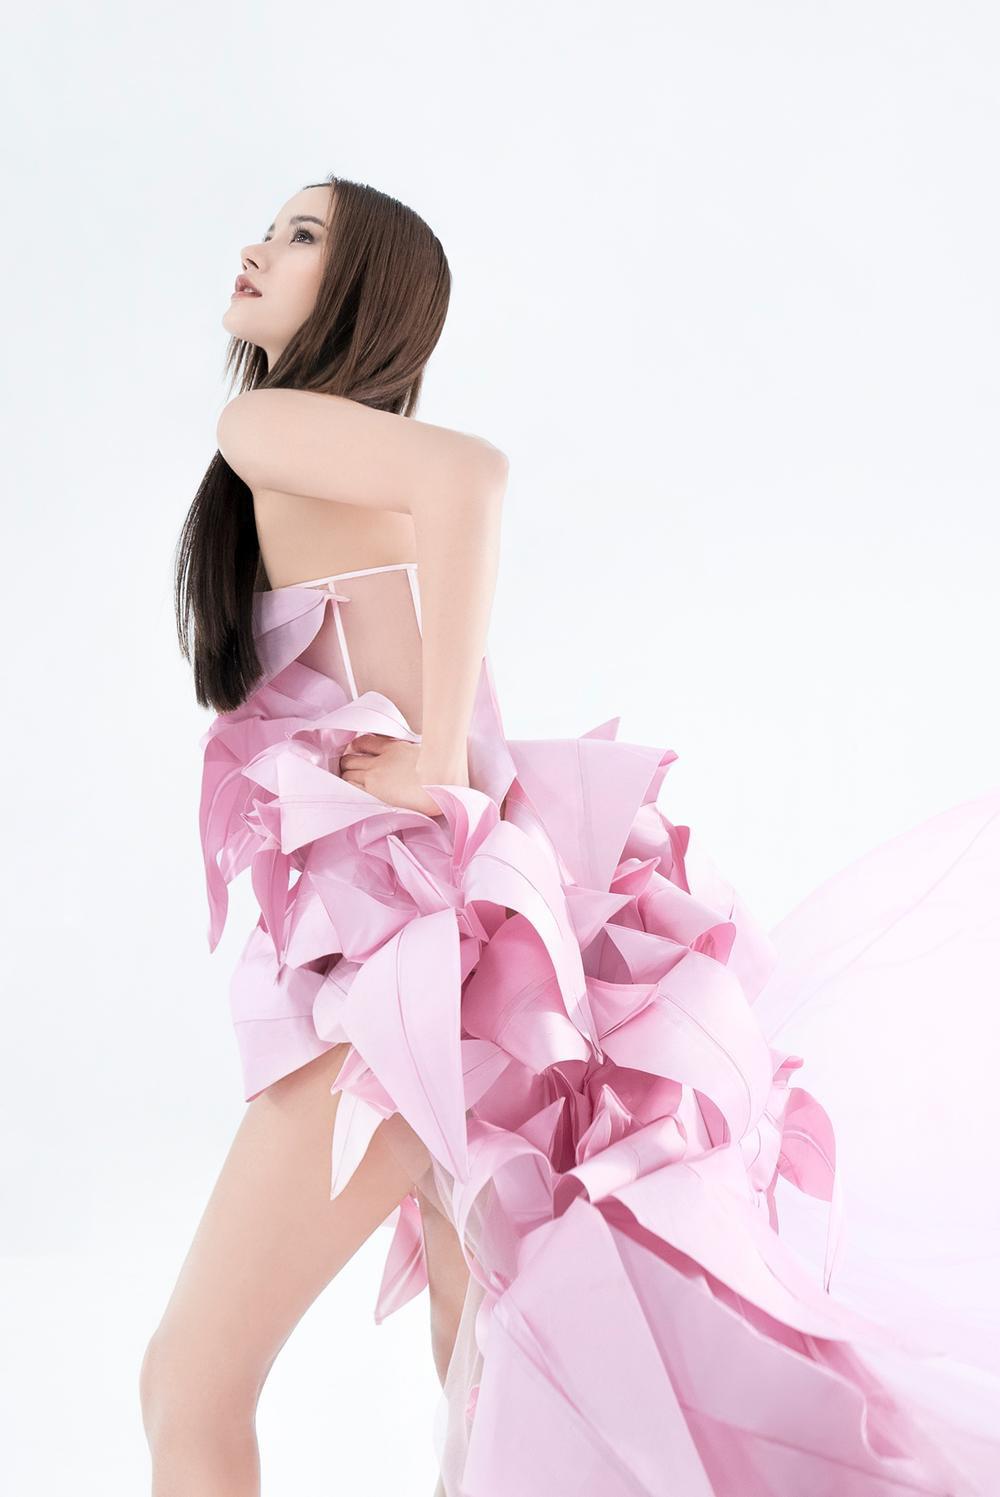 NTK Trần Hùng ra mắt BST tại London Fashion Week, chỉ dùng một người mẫu duy nhất Ảnh 23